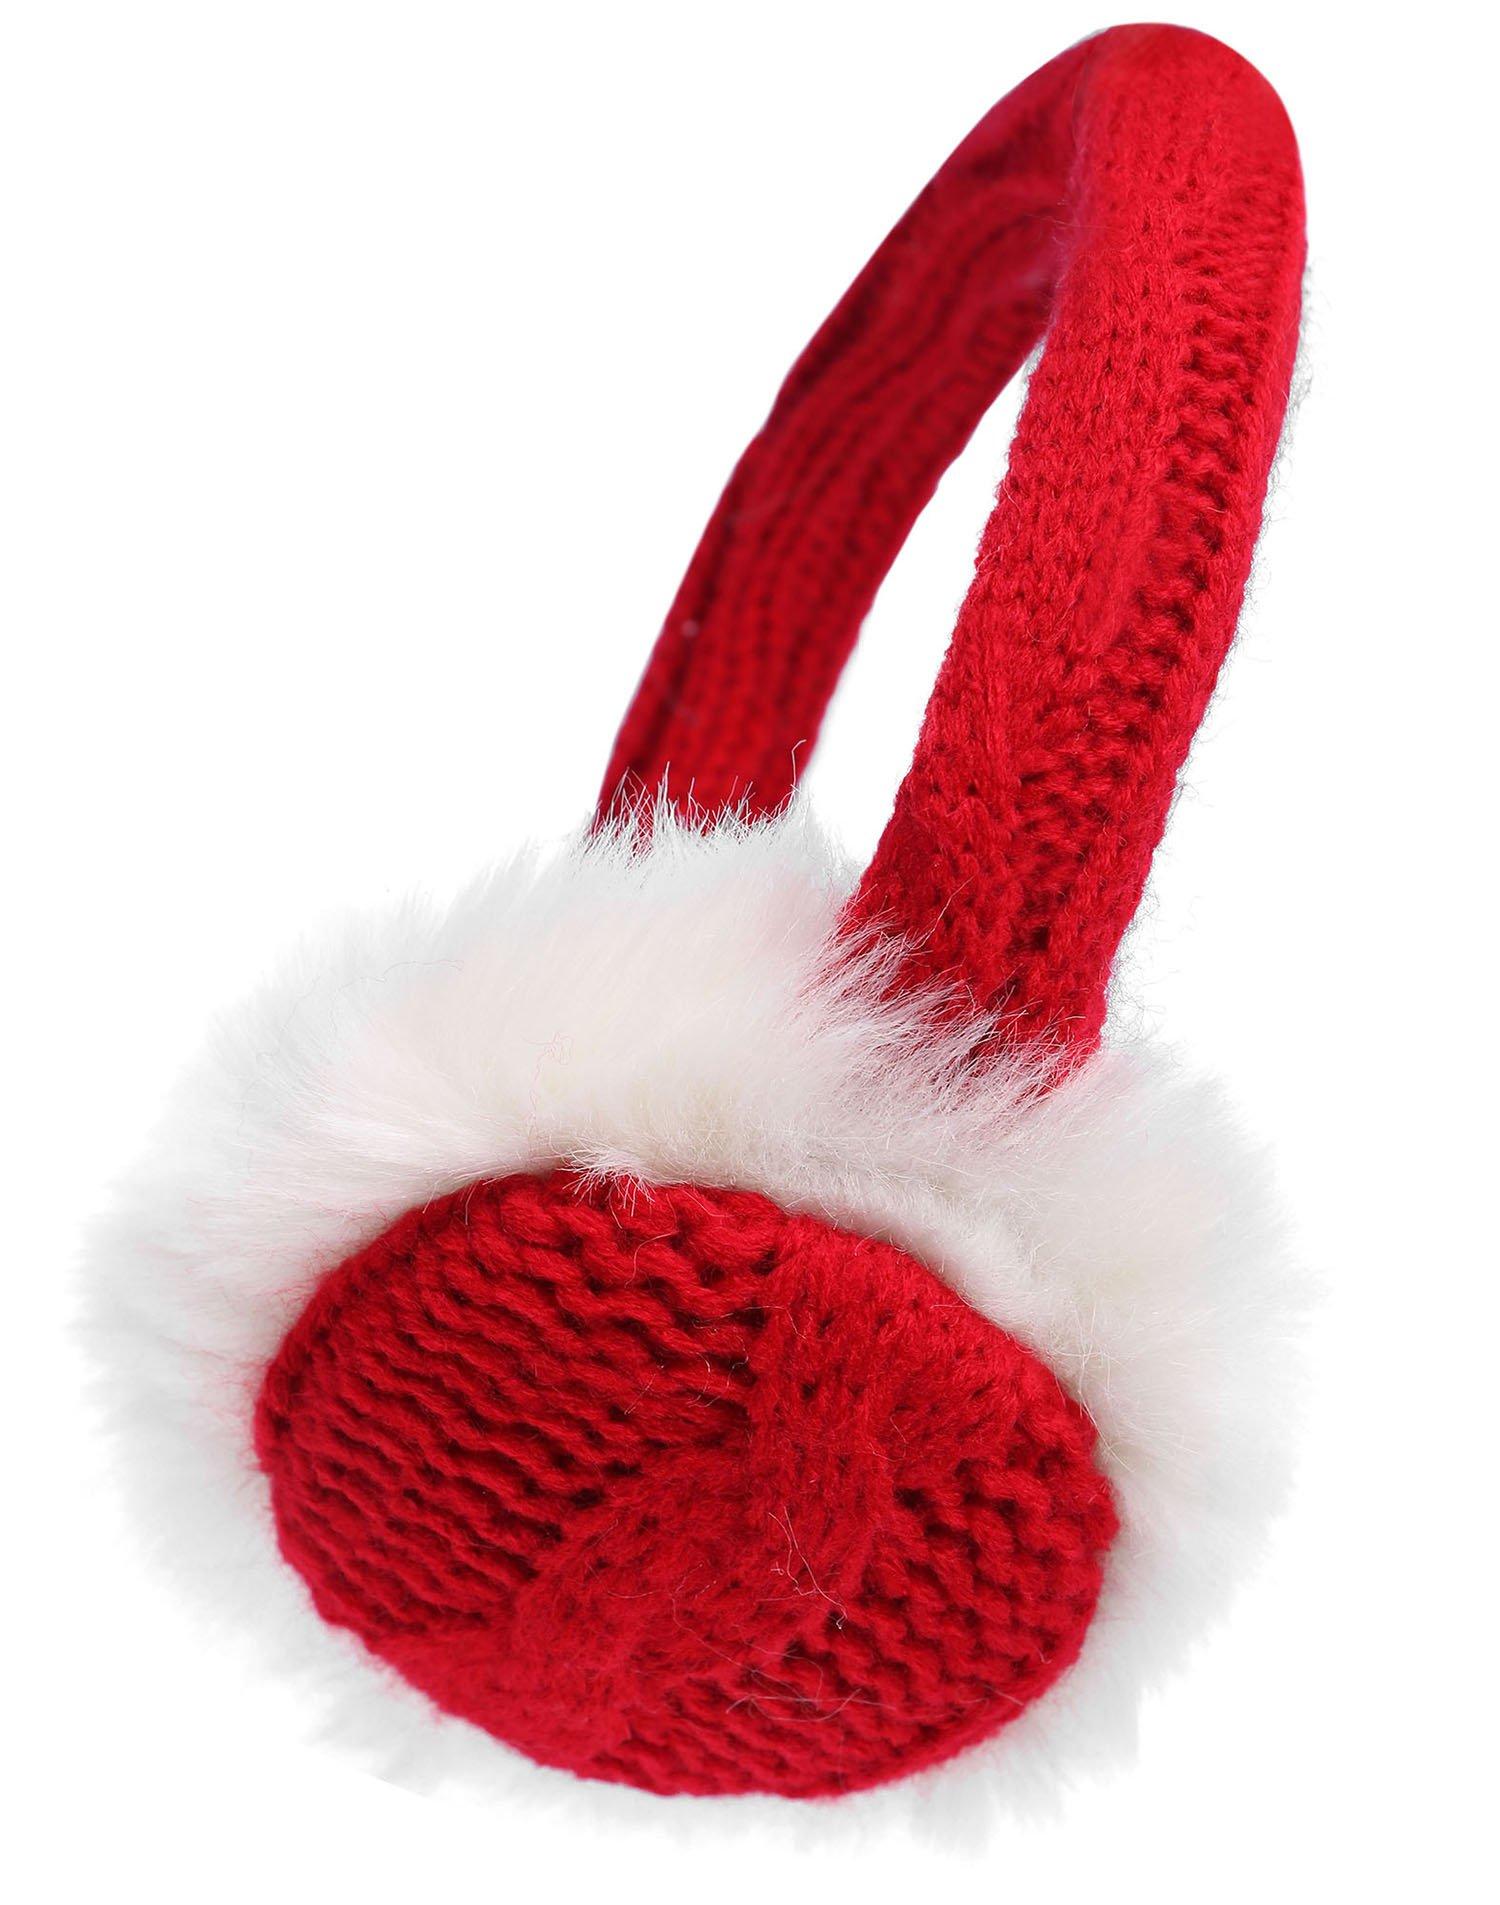 Women's Winter Knit Fluffy Faux Furry Ear Warmer Earmuffs, Bright Red